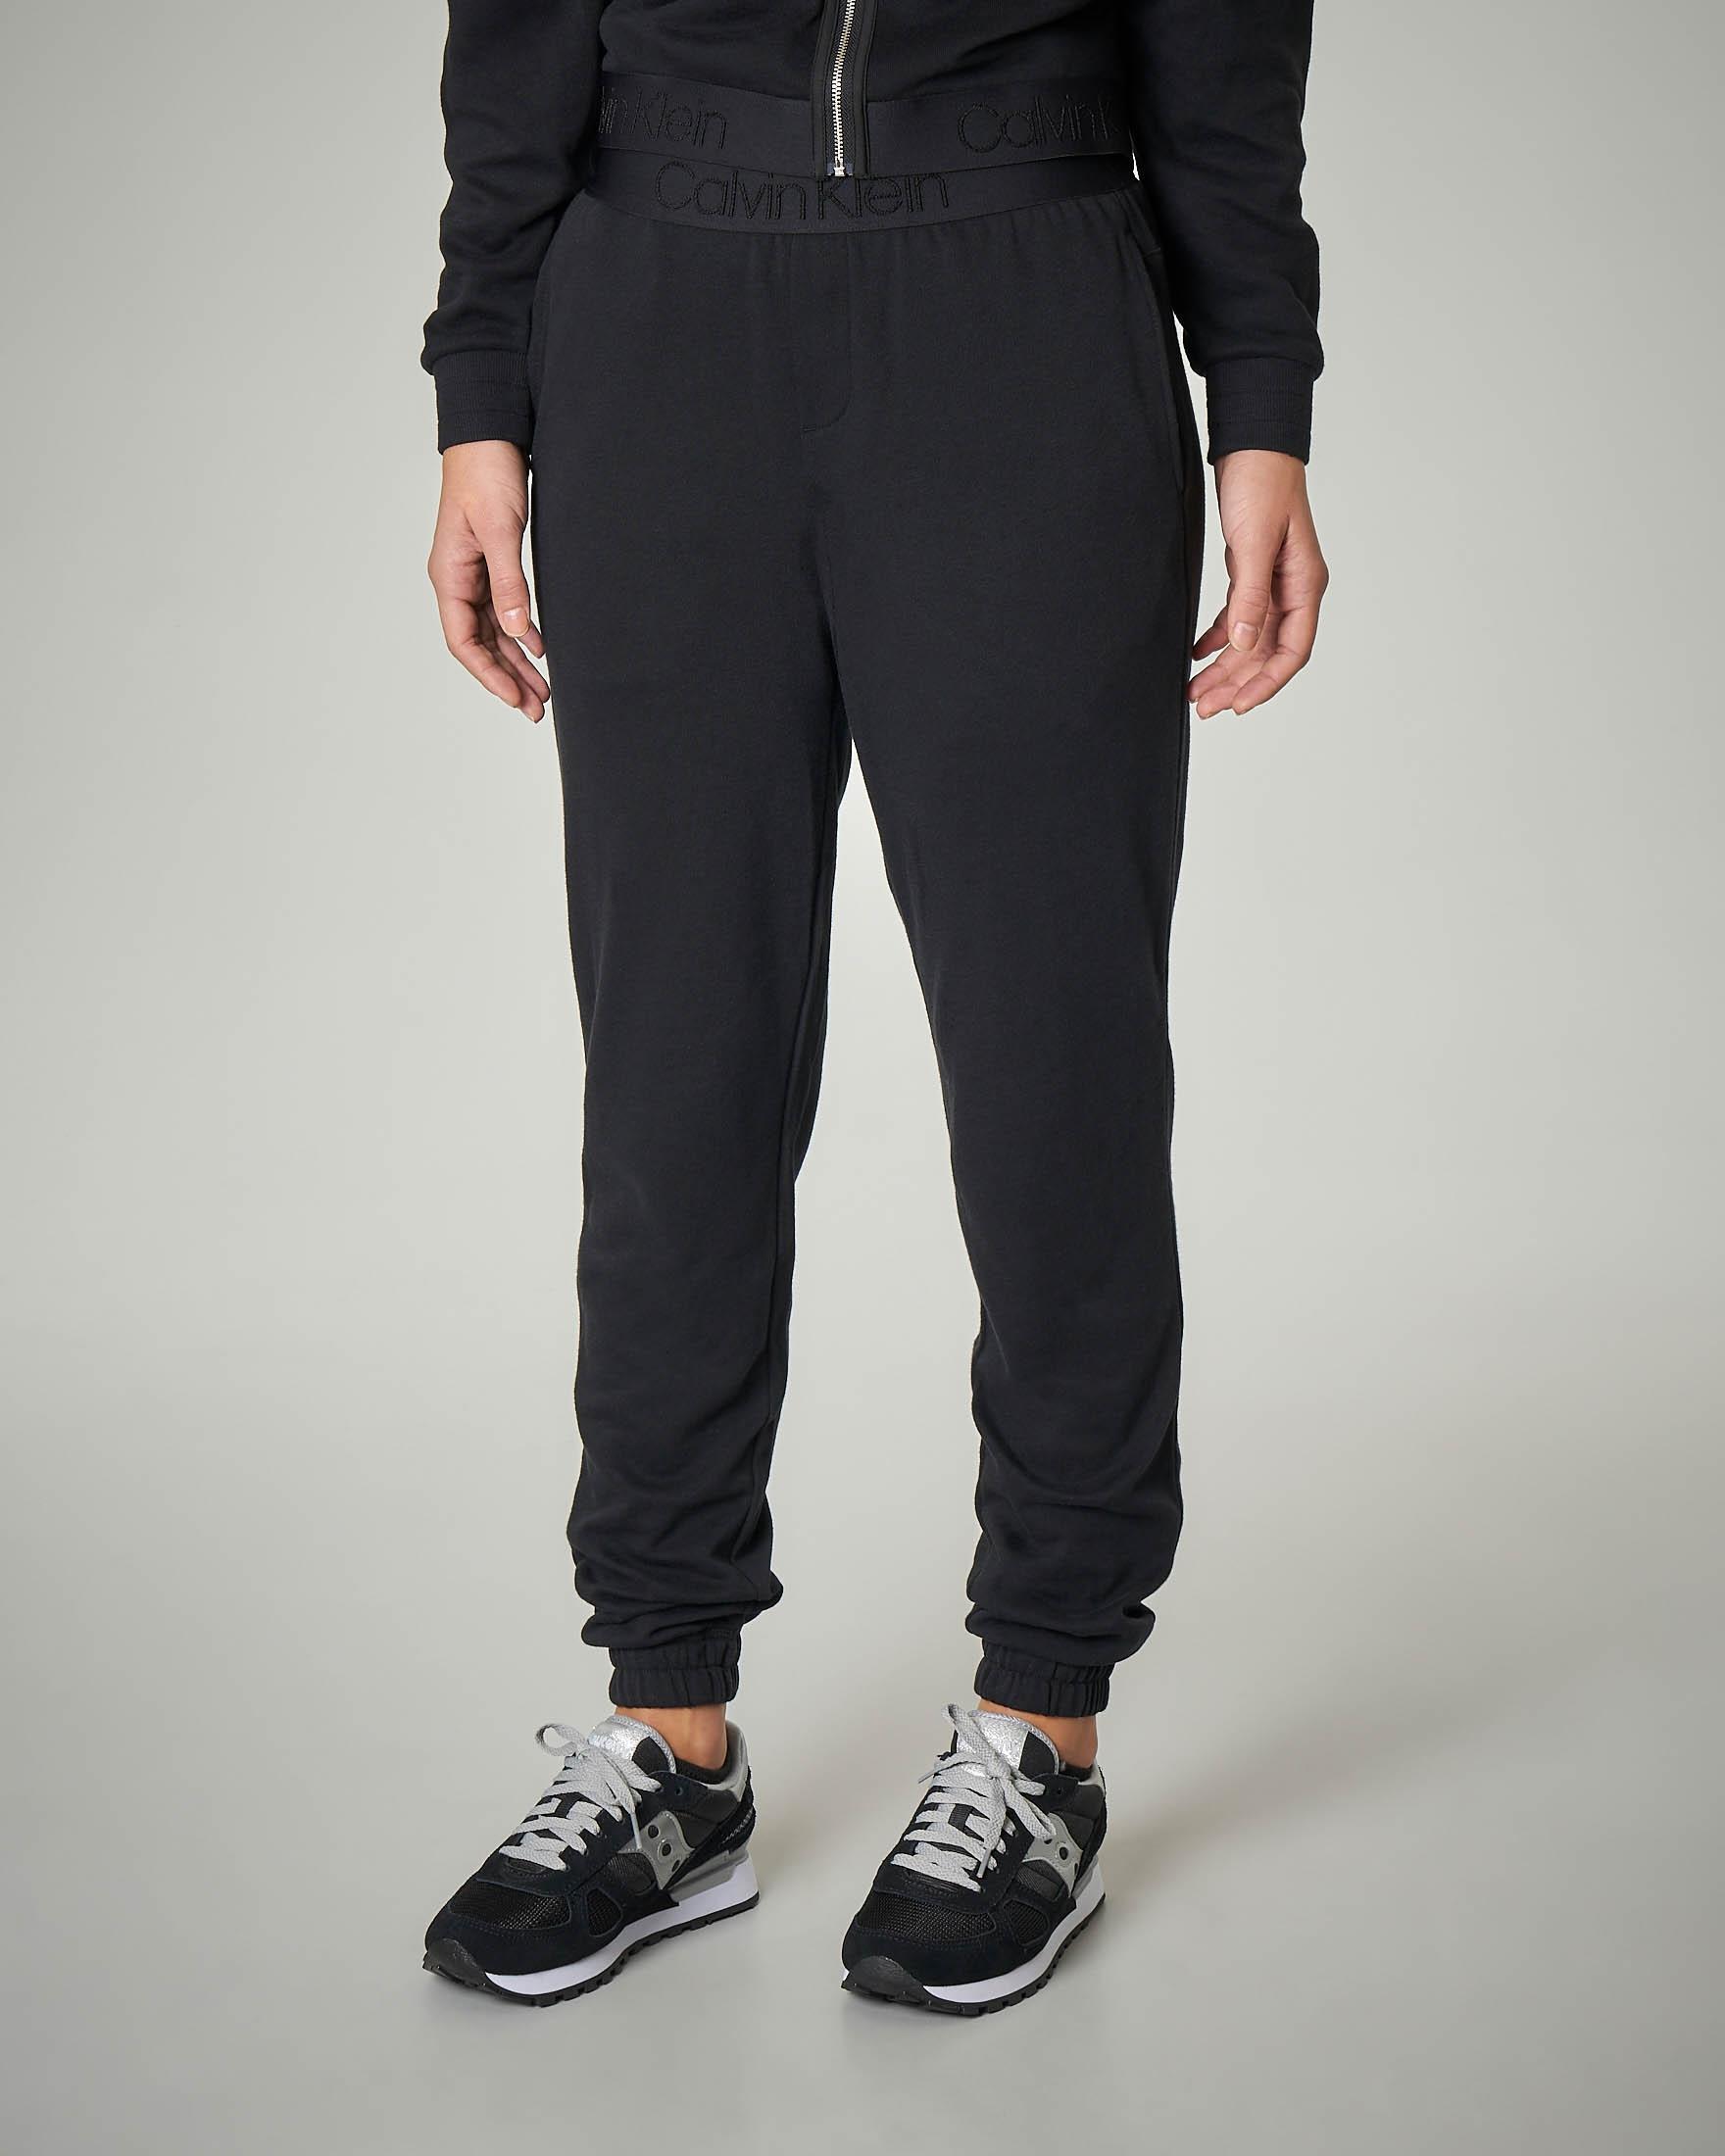 Pantaloni tuta in cotone neri con fascia elastica logo tono su tono